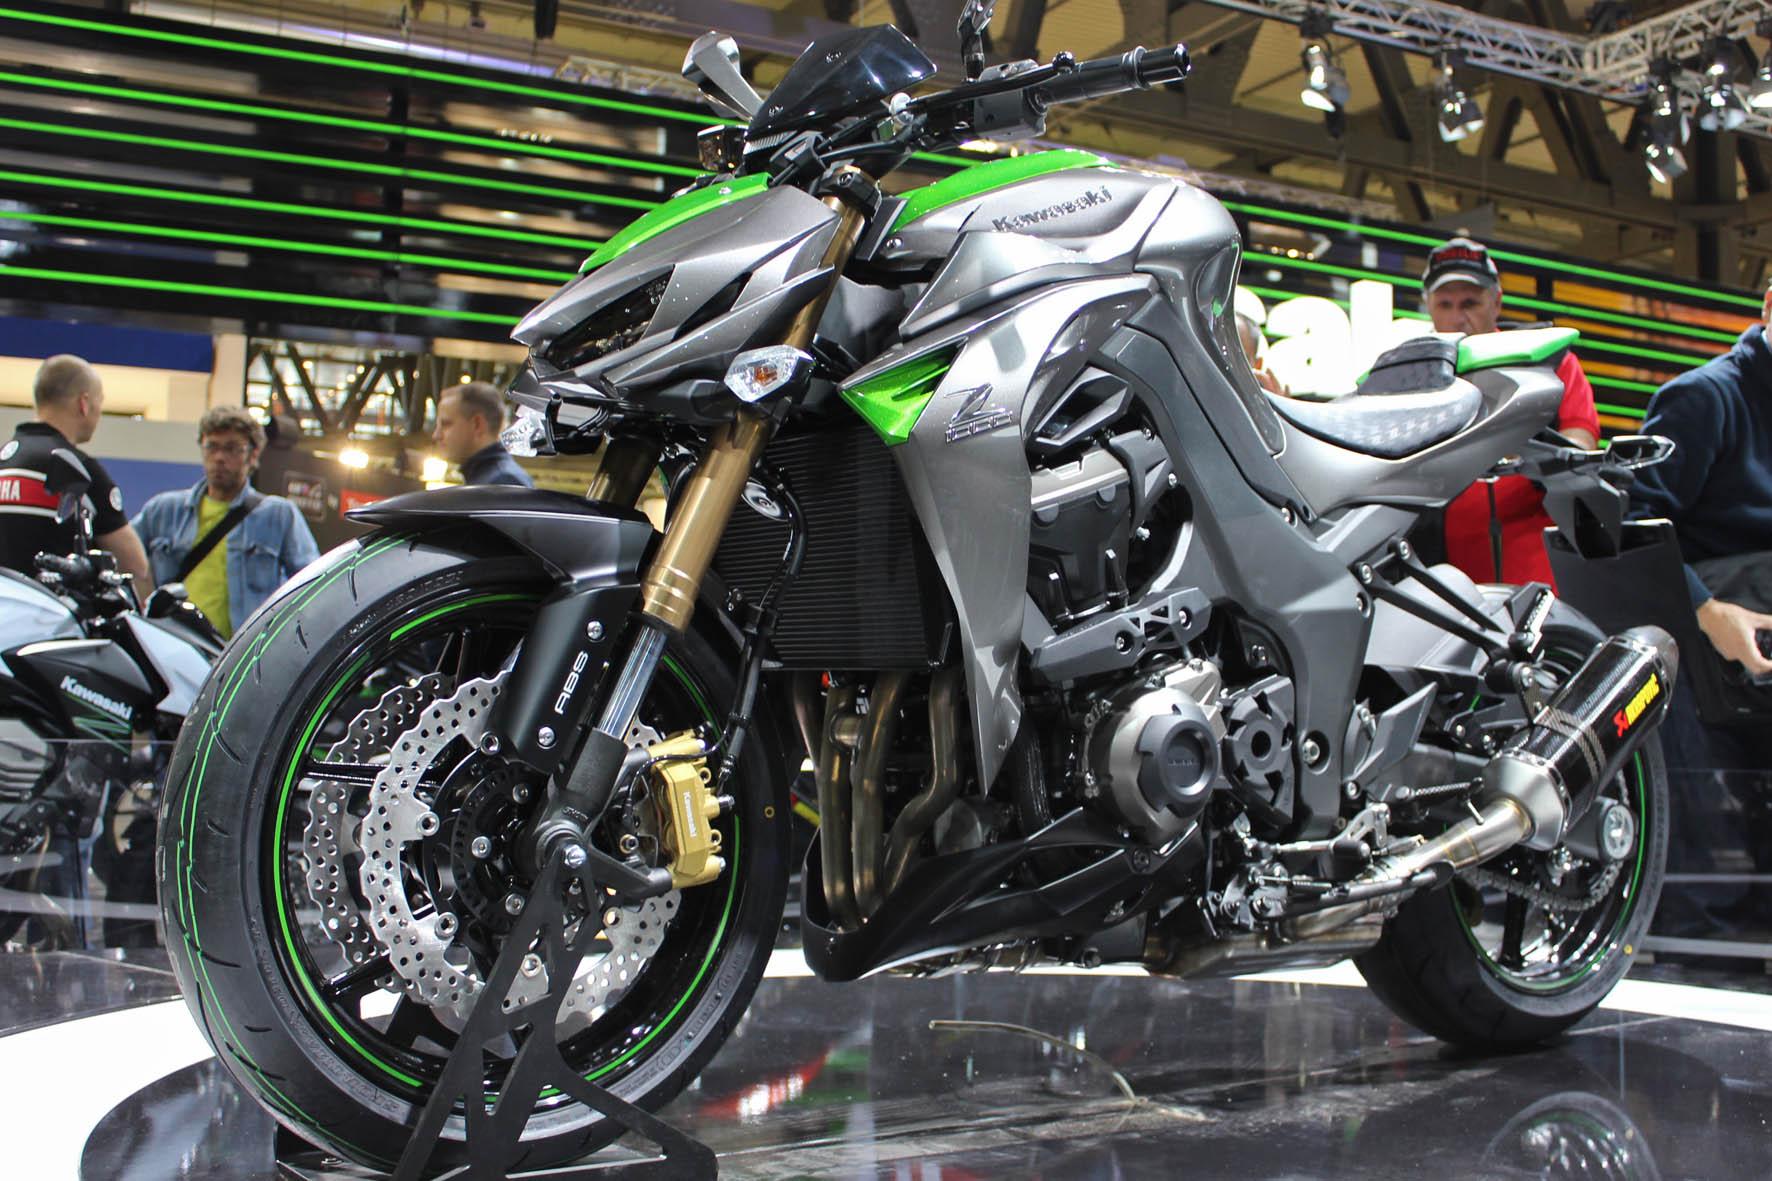 2014 Kawasaki Z1000 - So Much Sugomi - Asphalt & Rubber